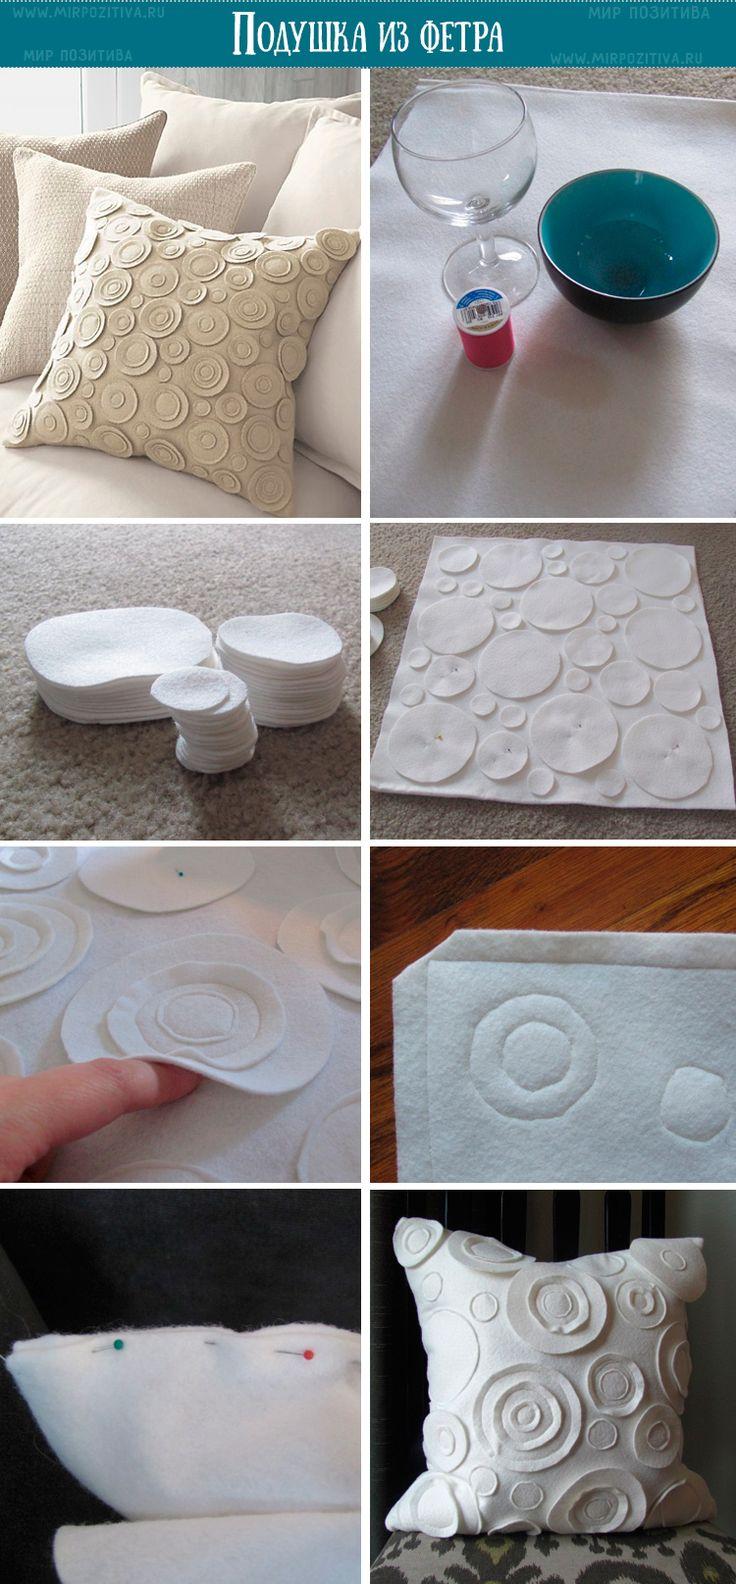 Декоративные наволочки: идеи дизайна и инструкция по изготовлению изделия